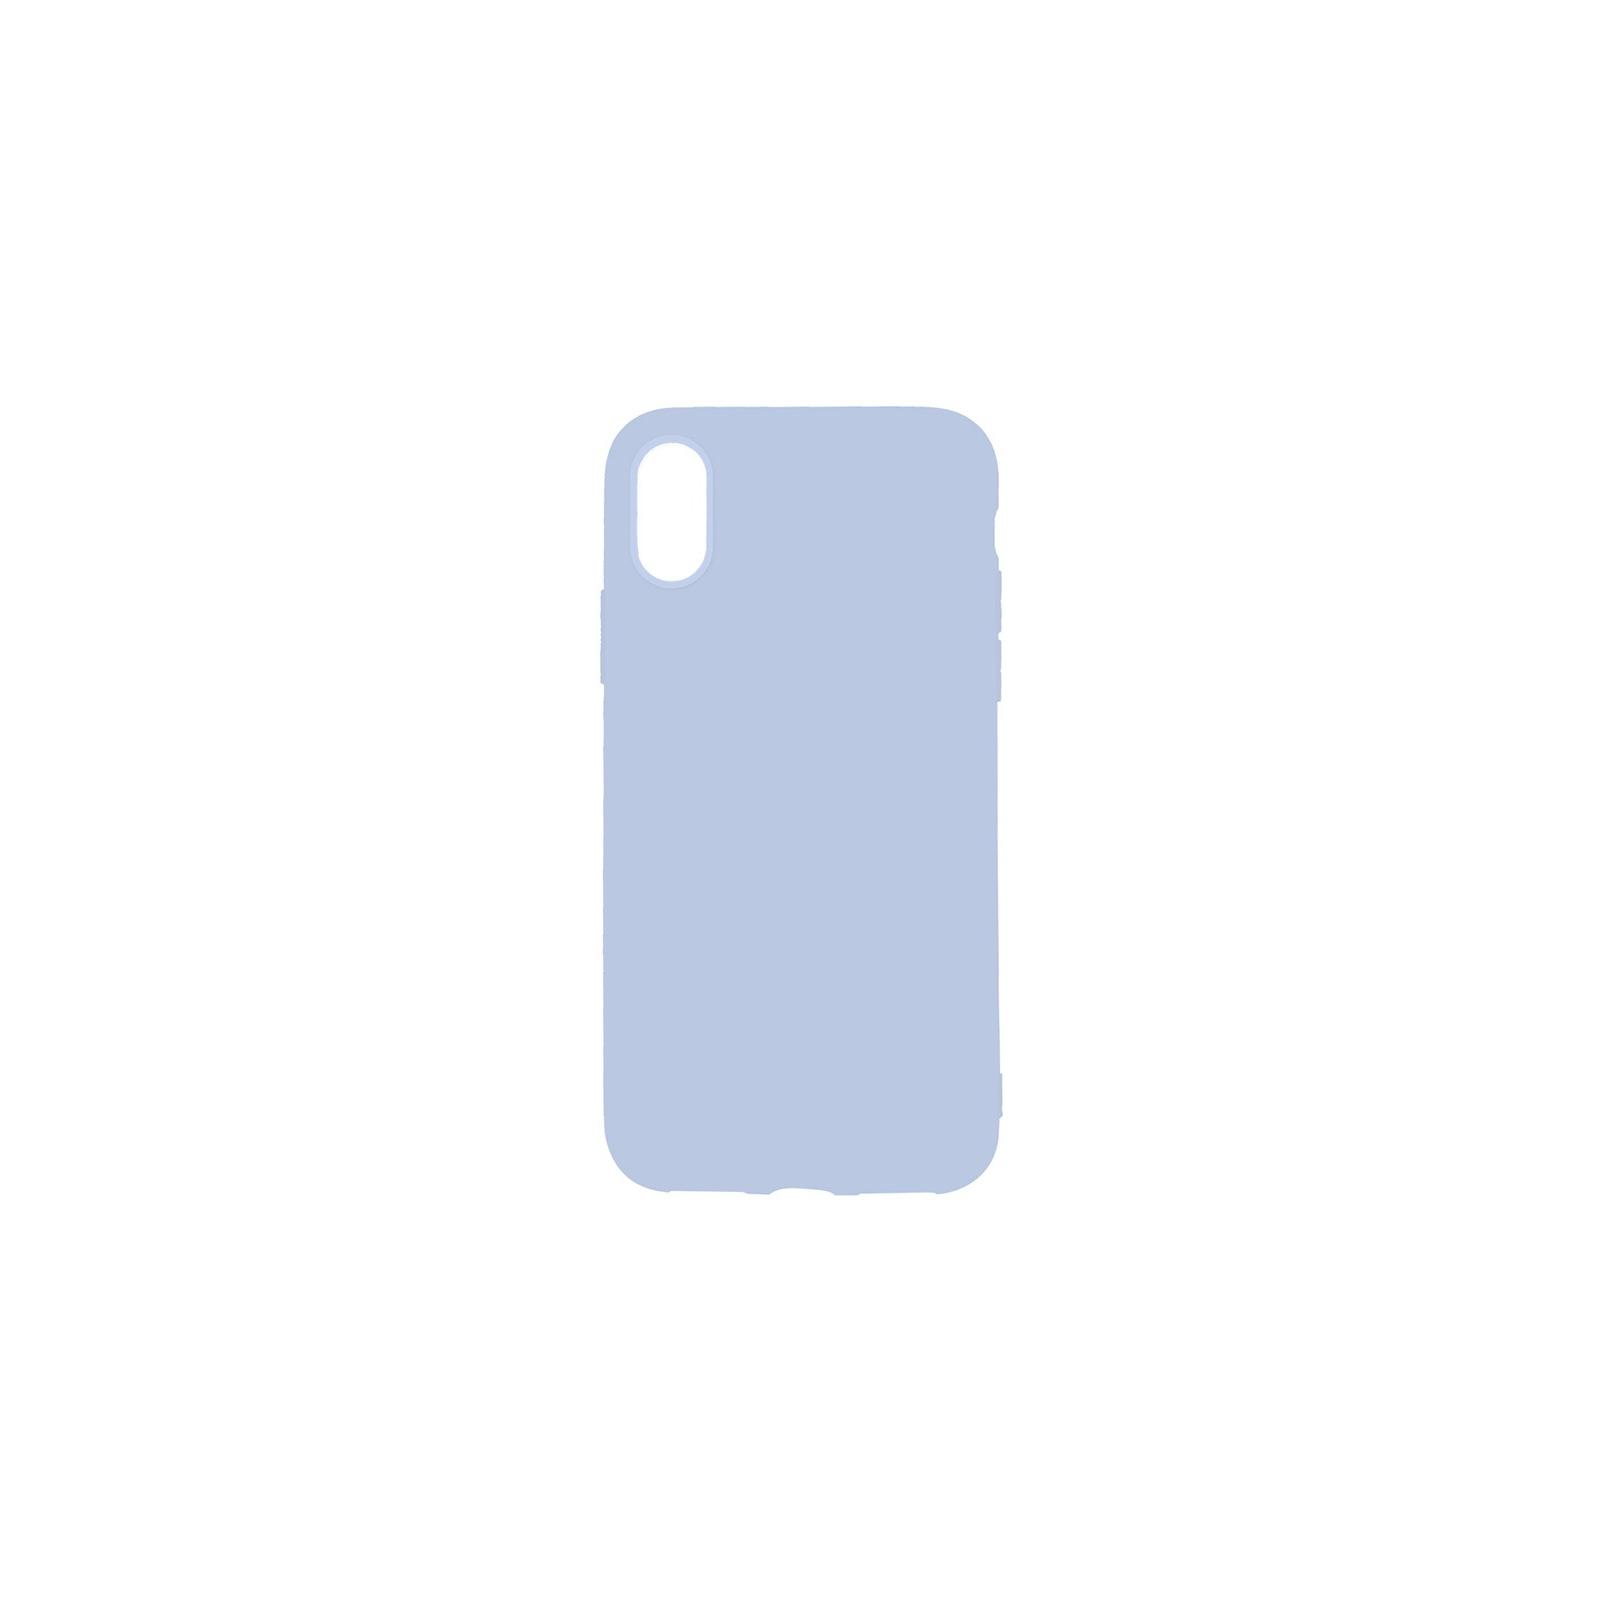 Чехол для моб. телефона Toto 1mm Matt TPU Case Apple iPhone XR Lilac (F_93972)